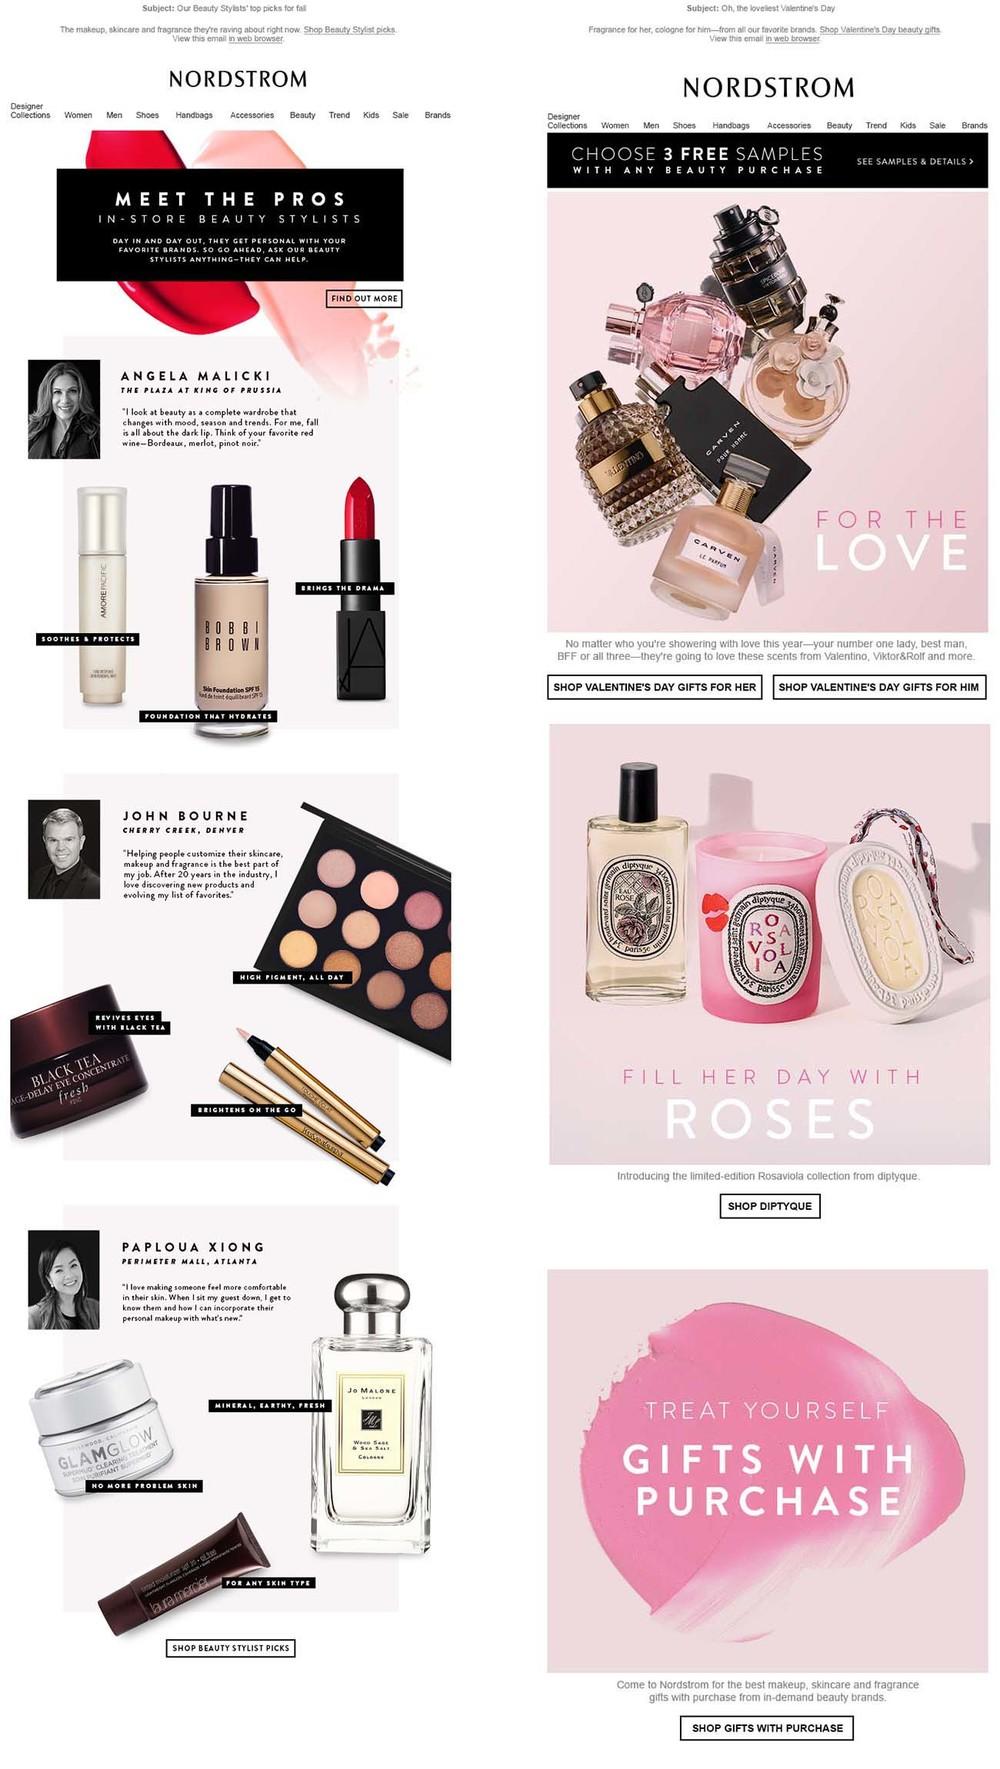 09.21.15_Beauty_Billboard_108630 copy.jpg